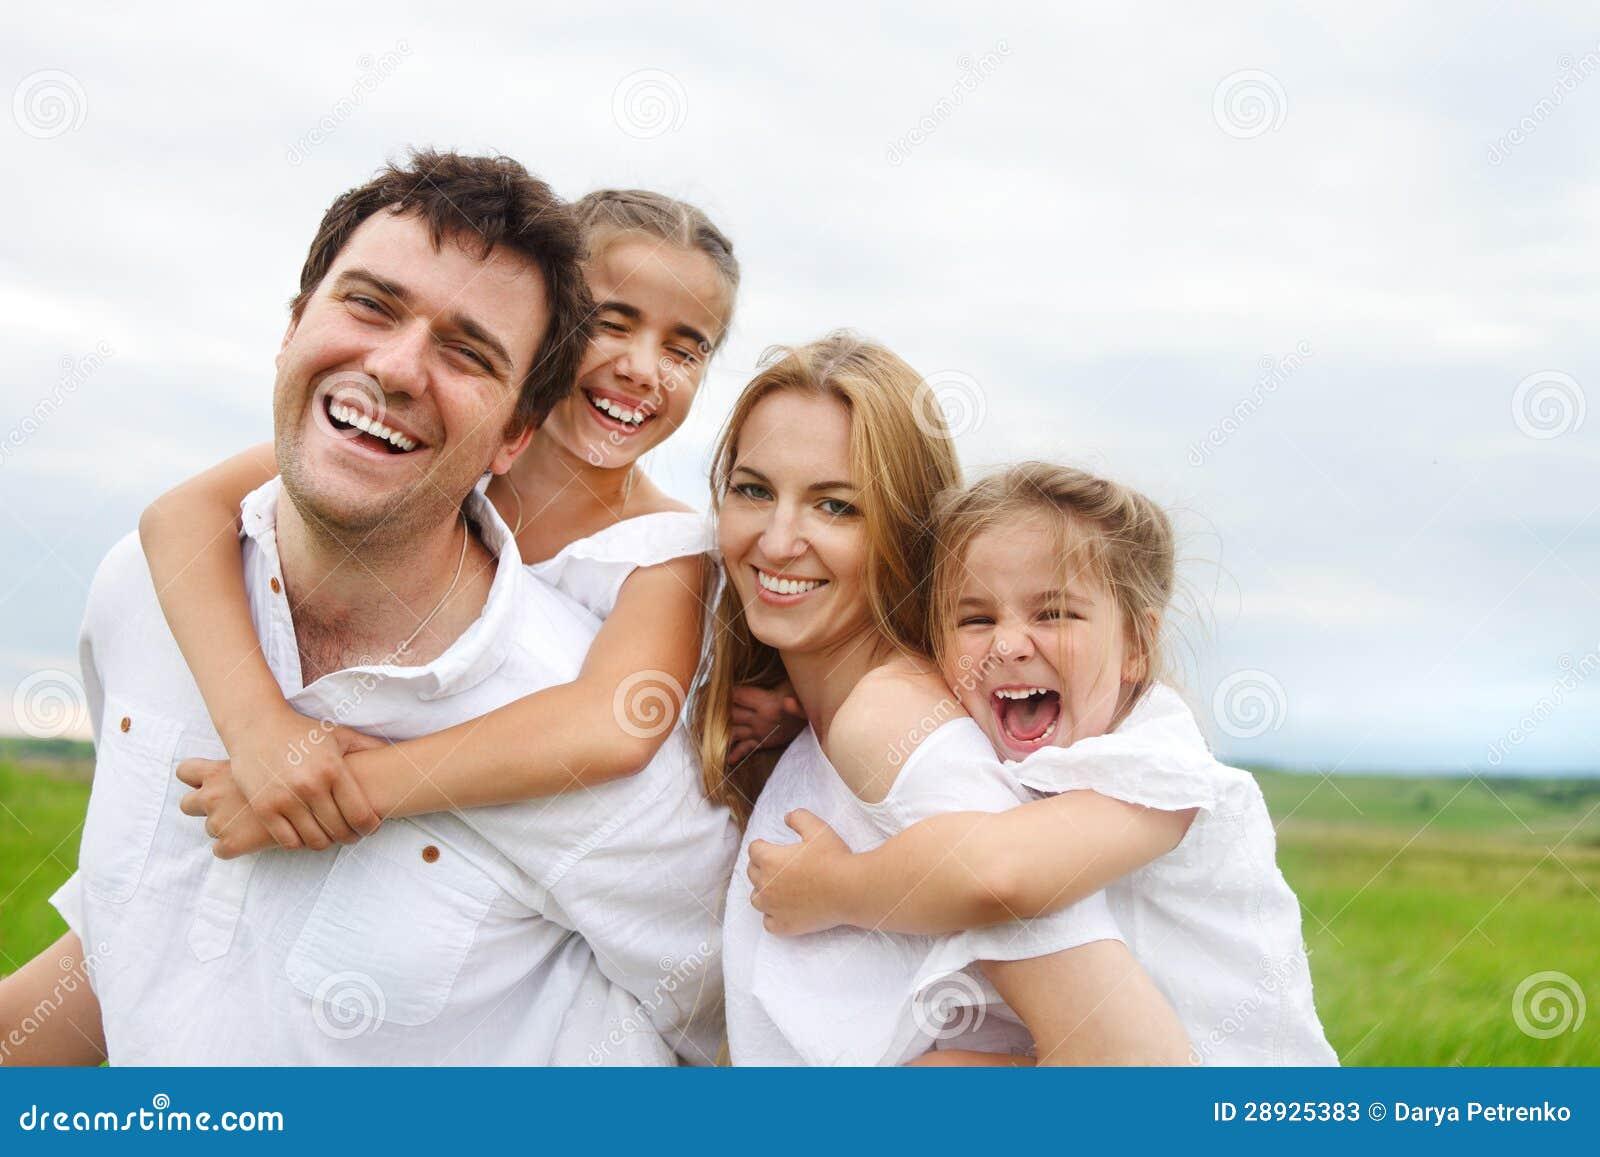 Конкурсы для молодой семейной пары